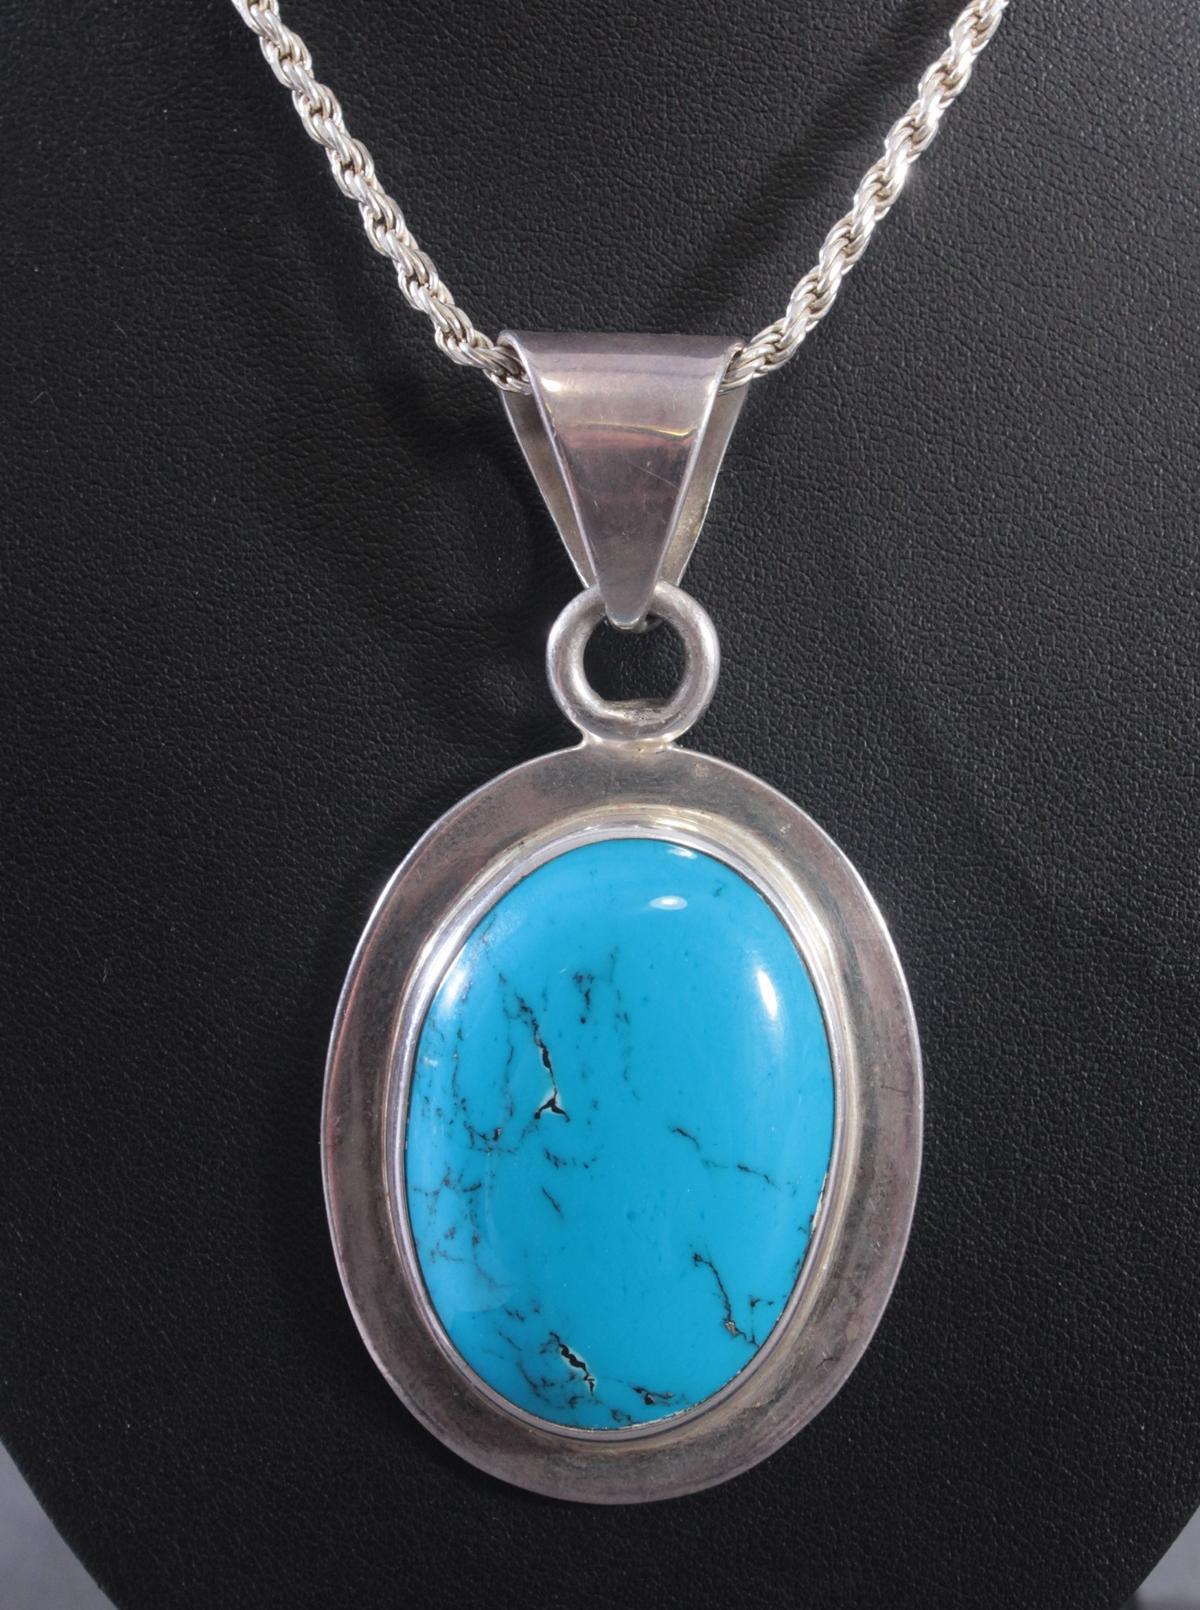 Silberne Halskette mit großem Türkisanhänger-2